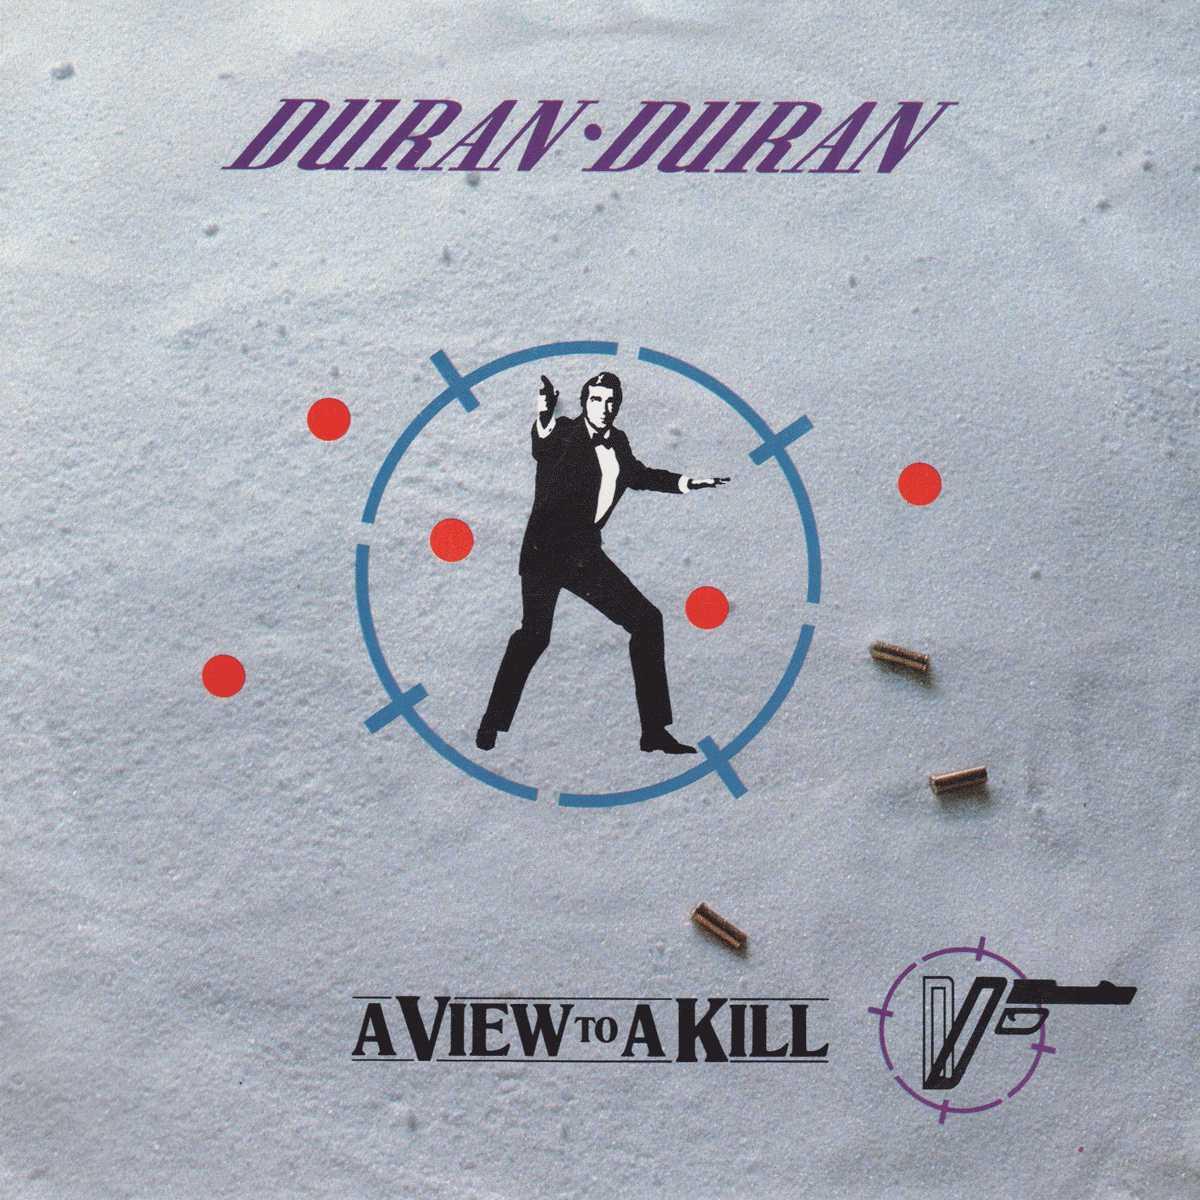 Duran Duran A View To a Kill